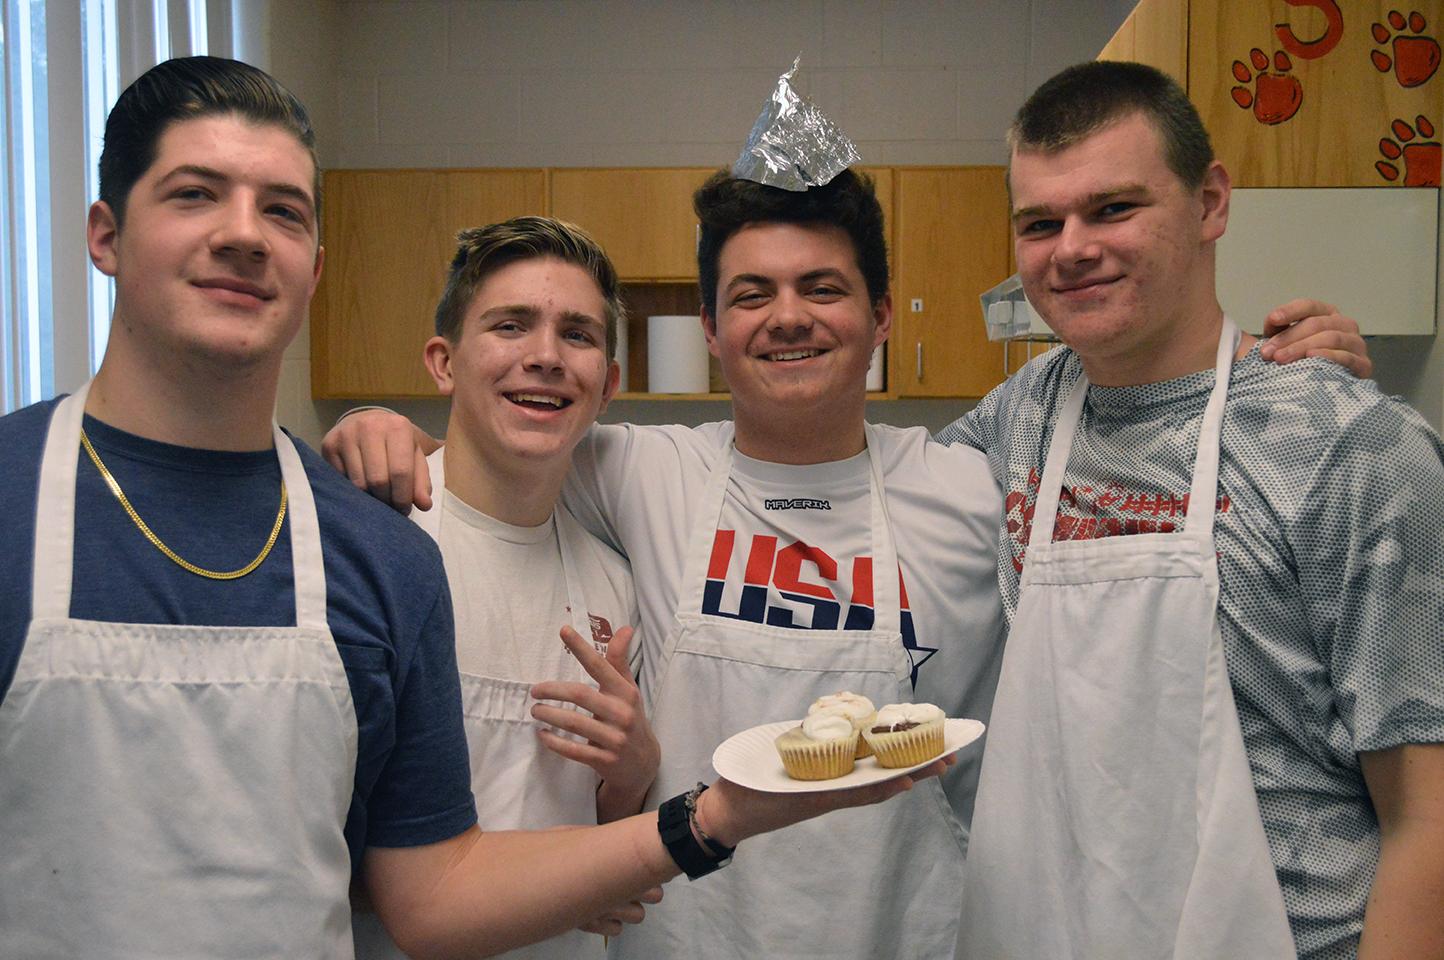 Winner for Taste -Campfire Cupcake